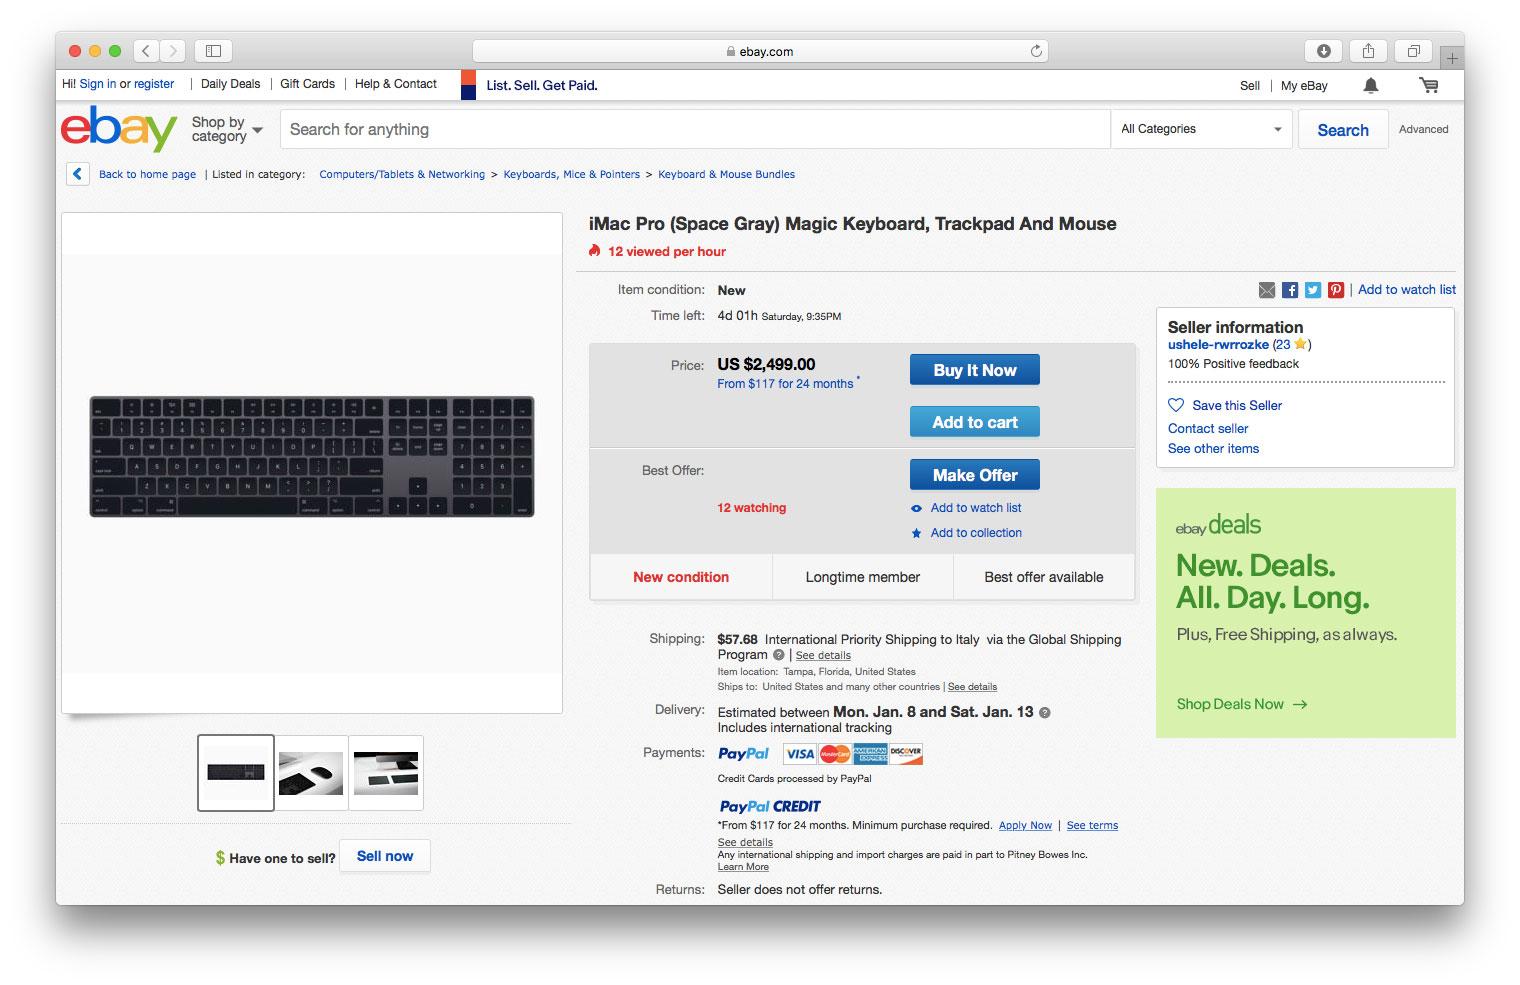 Annuncio su eBay accessori di iMac Pro